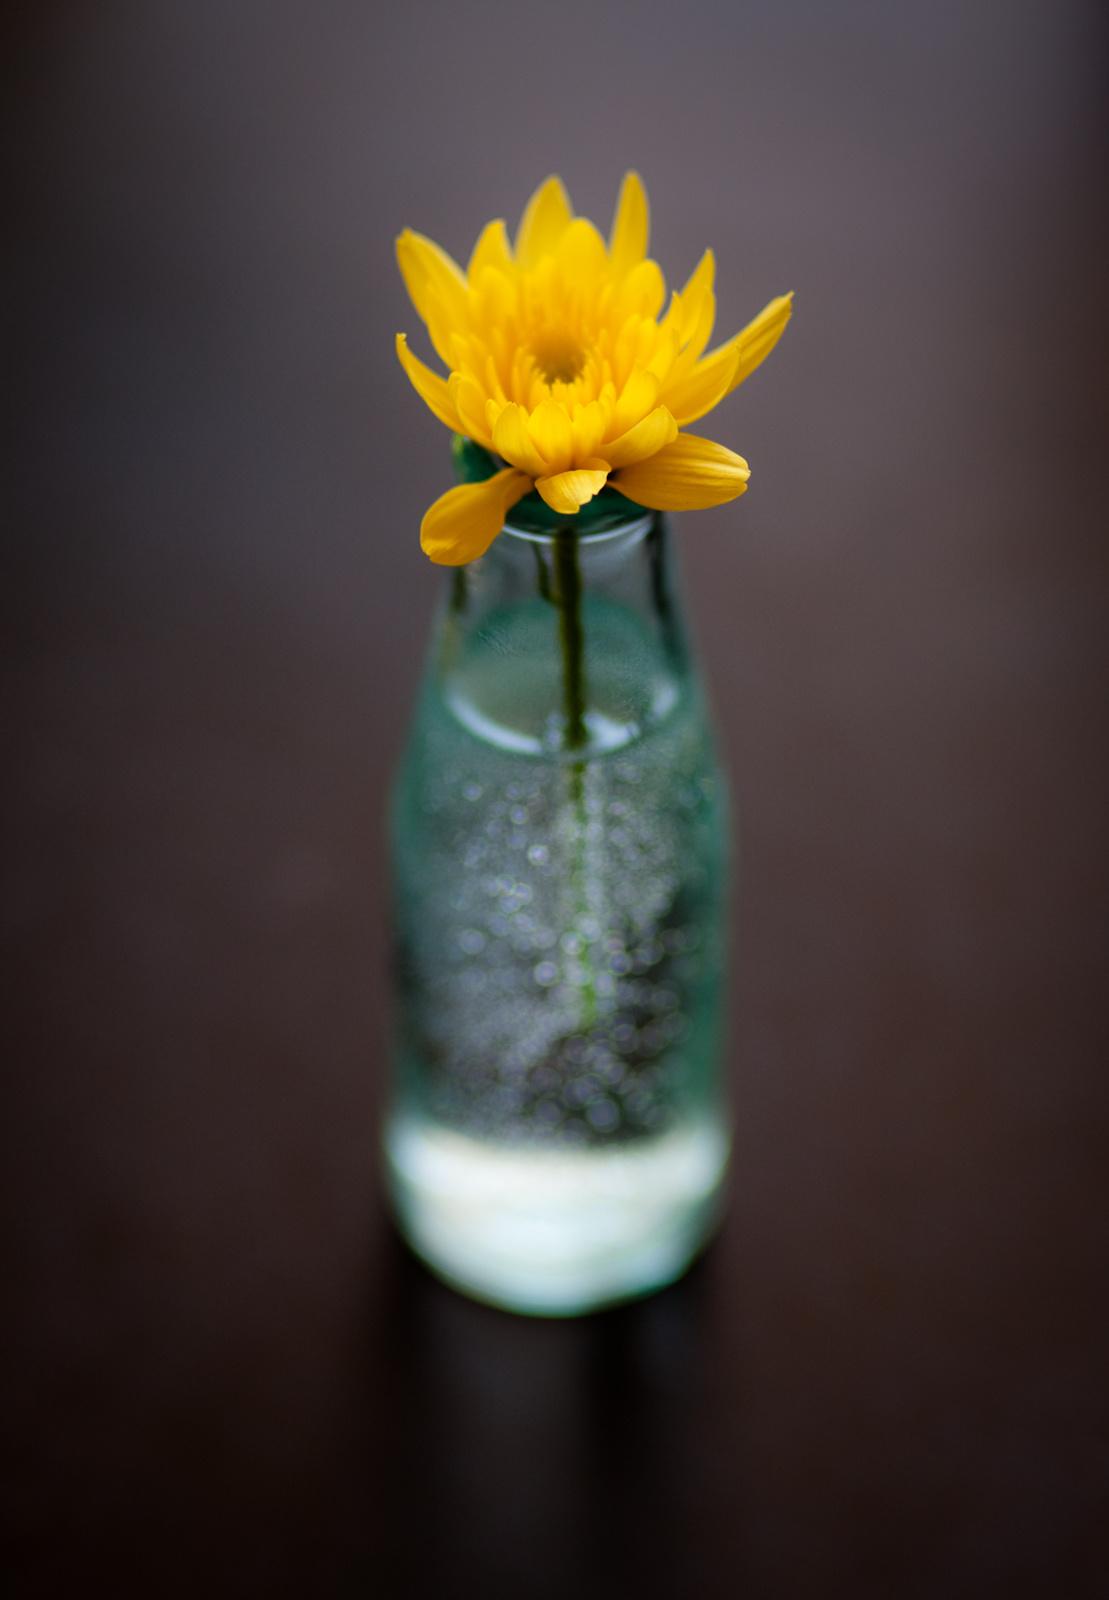 Virág üvegben 1